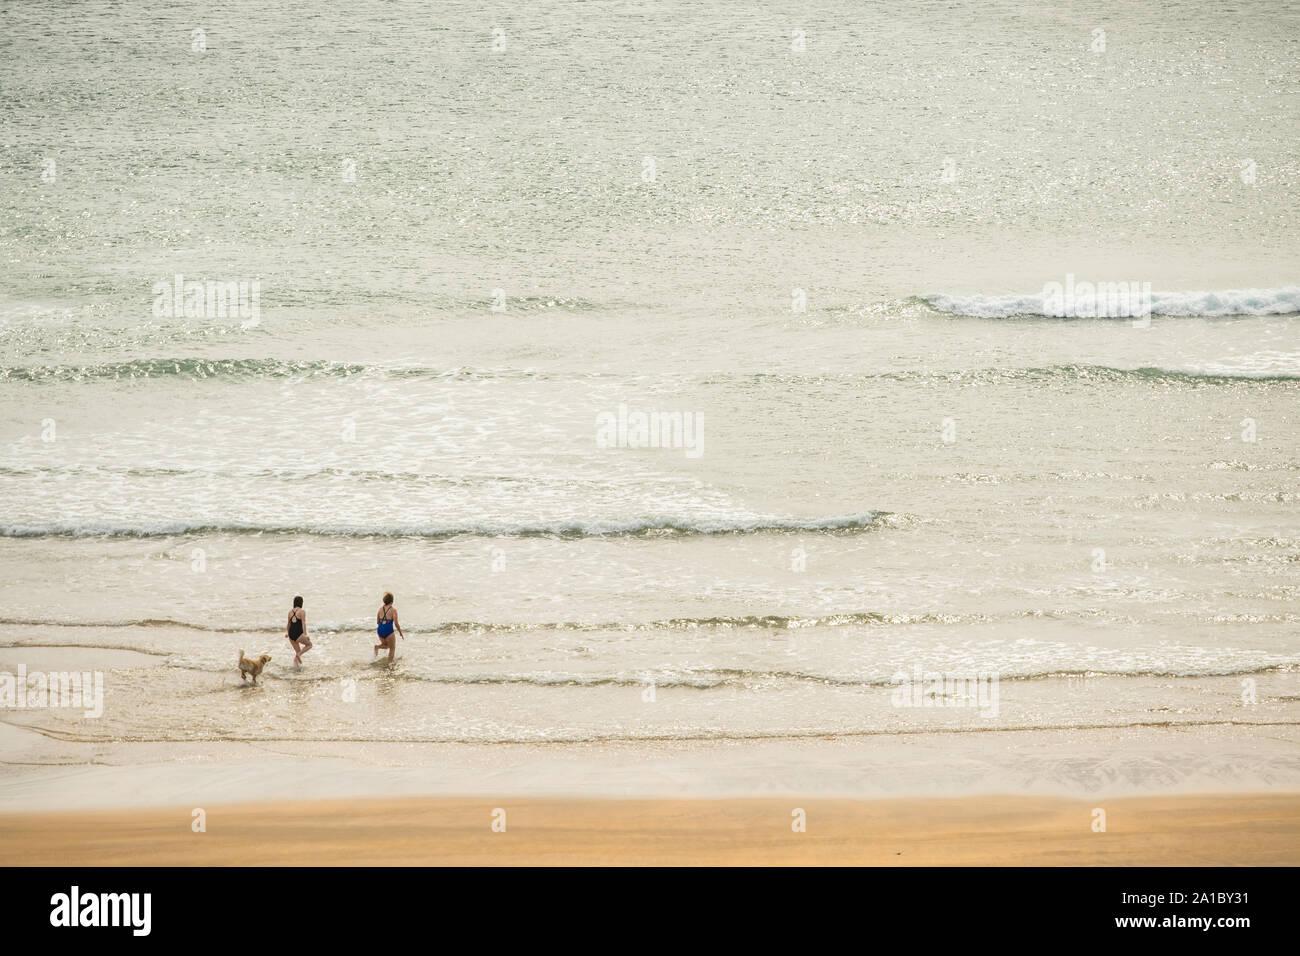 Reise und Tourismus: Menschen mit einem späten Sommernachmittag auf dem Golden Sands auf broadhaven South Beach und Küste, Pembrokeshire, South West Wales UK Stockfoto